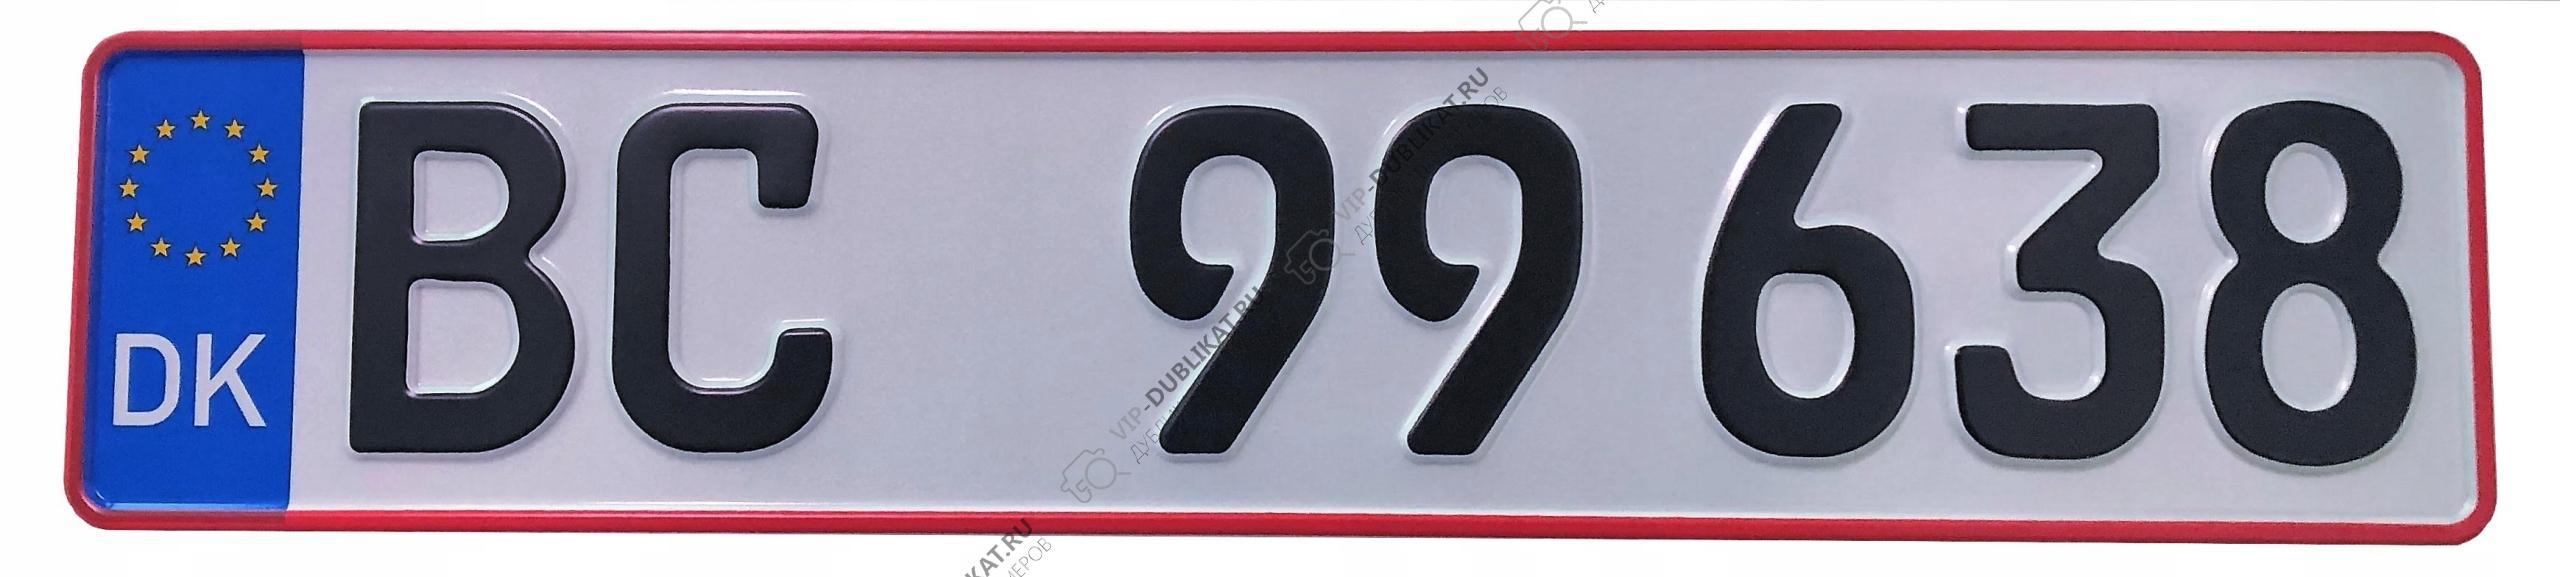 Дубликат номера Дании